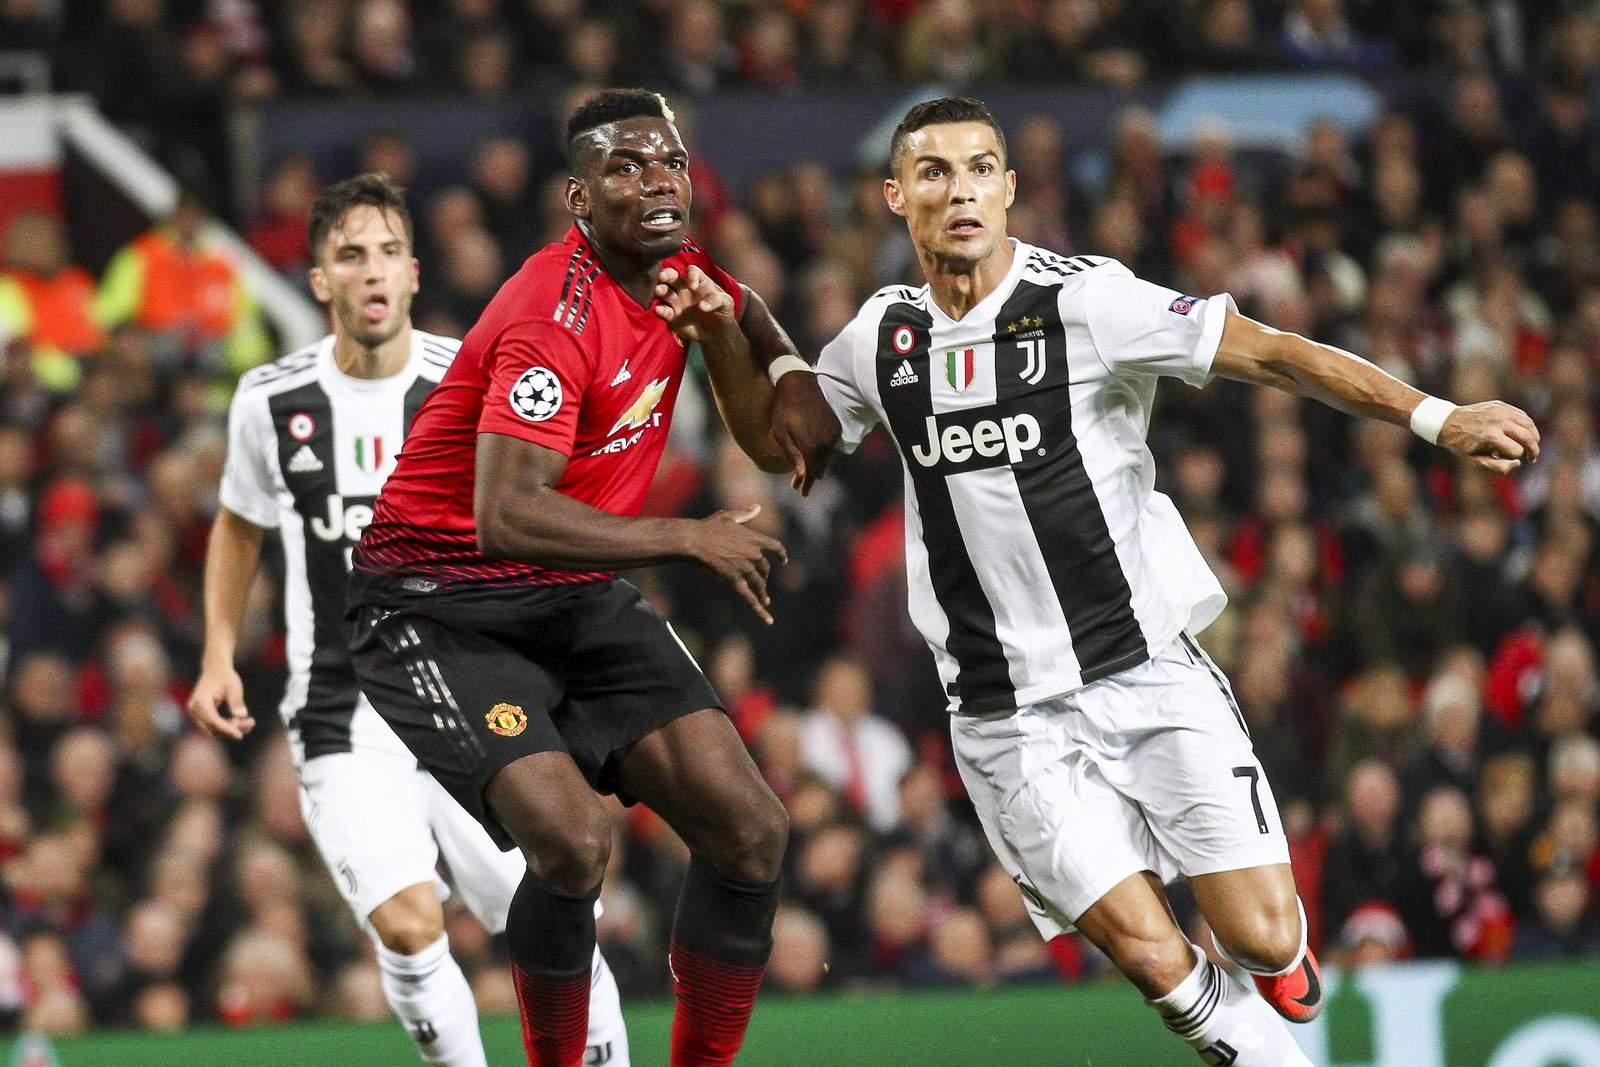 Setzt sich Ronaldo wieder gegen Pogba durch? Jetzt auf Juve vs Man United wetten